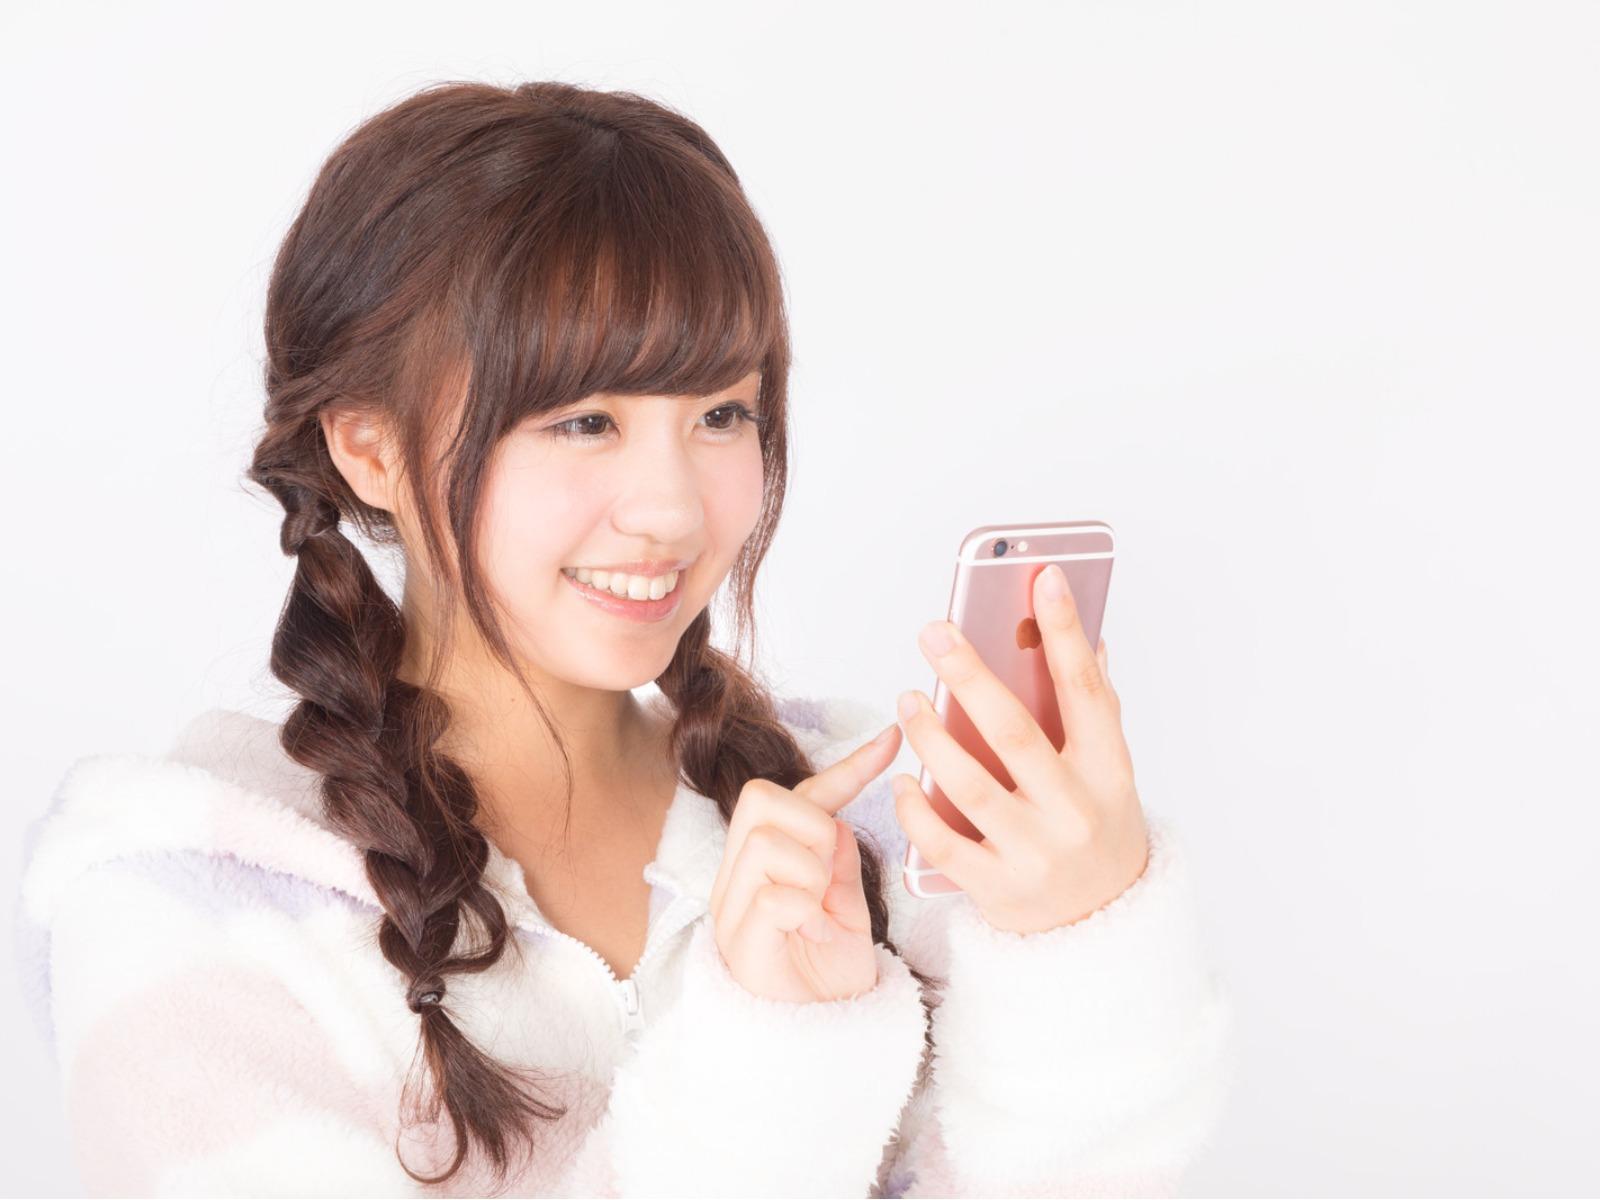 LINEビデオ通話占い(LINEを活用した対面占い)なら「婚活もできる占い館BCAFE(ビーカフェ)渋谷店」にお任せ!お一人でじっくり利用も可能で、タロットカードも見れるので対面鑑定の臨場感あり!